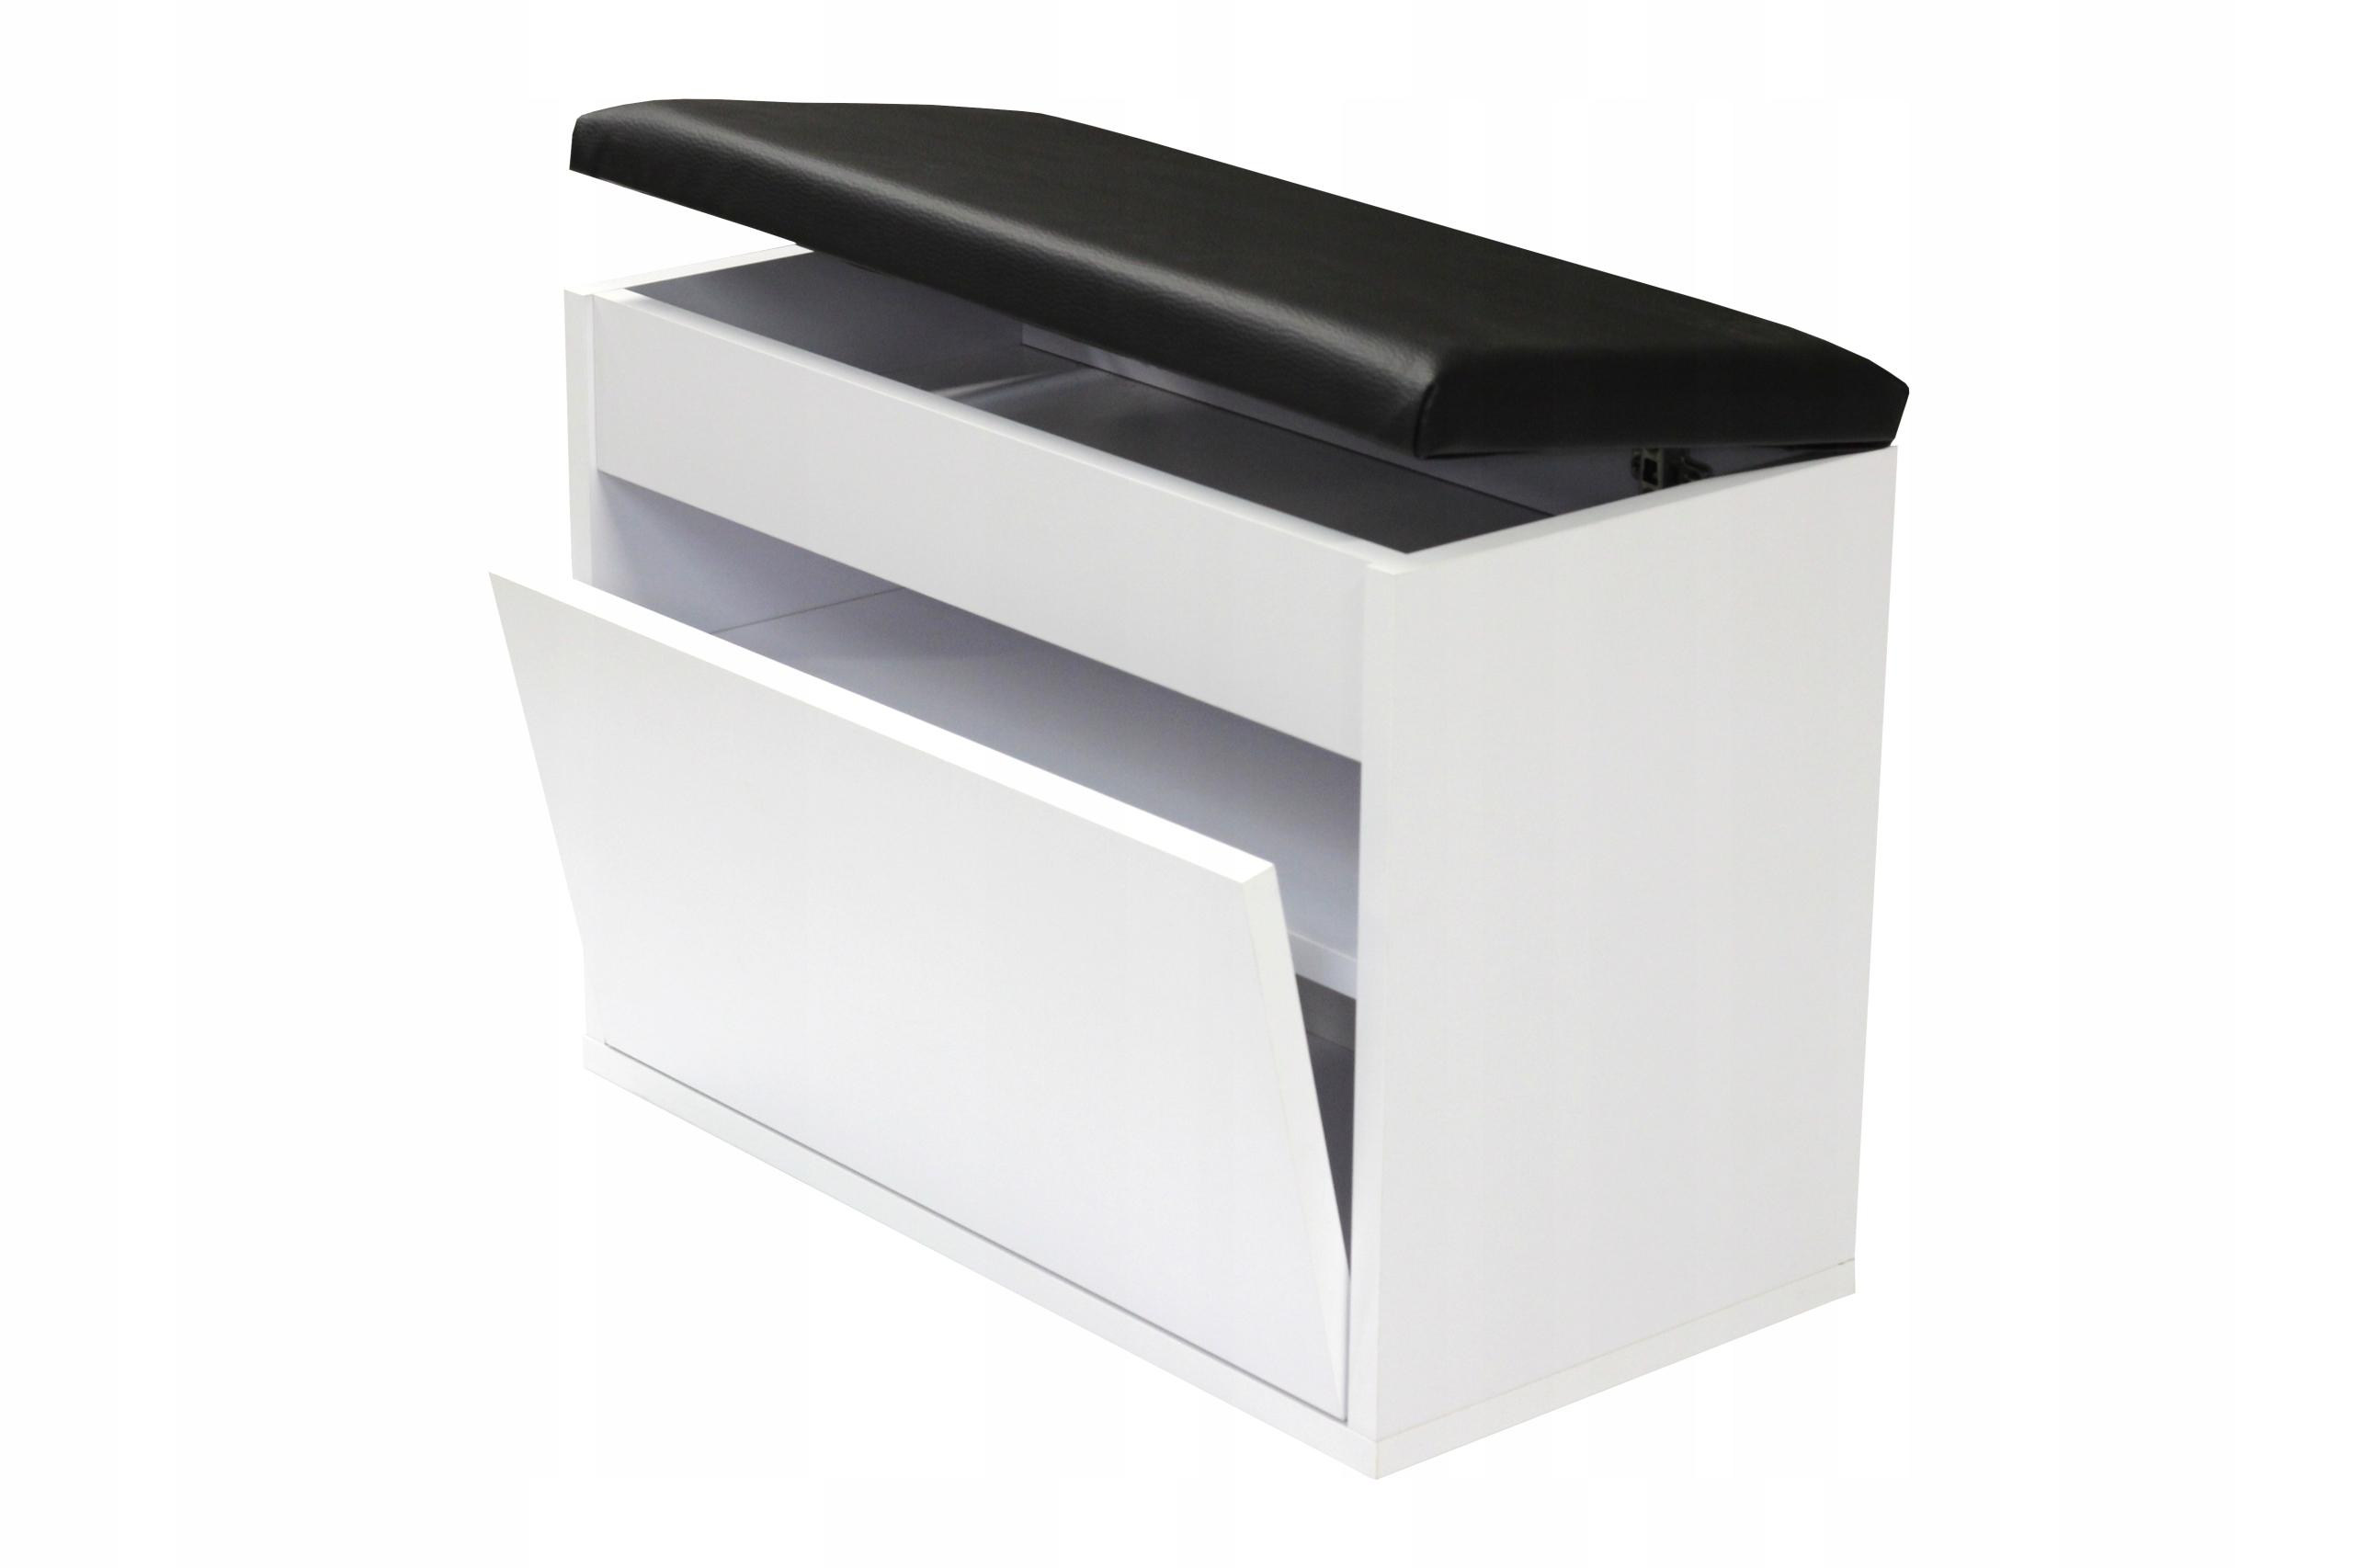 Обувной шкаф BEC50x30D seat, ящик для хранения 50см